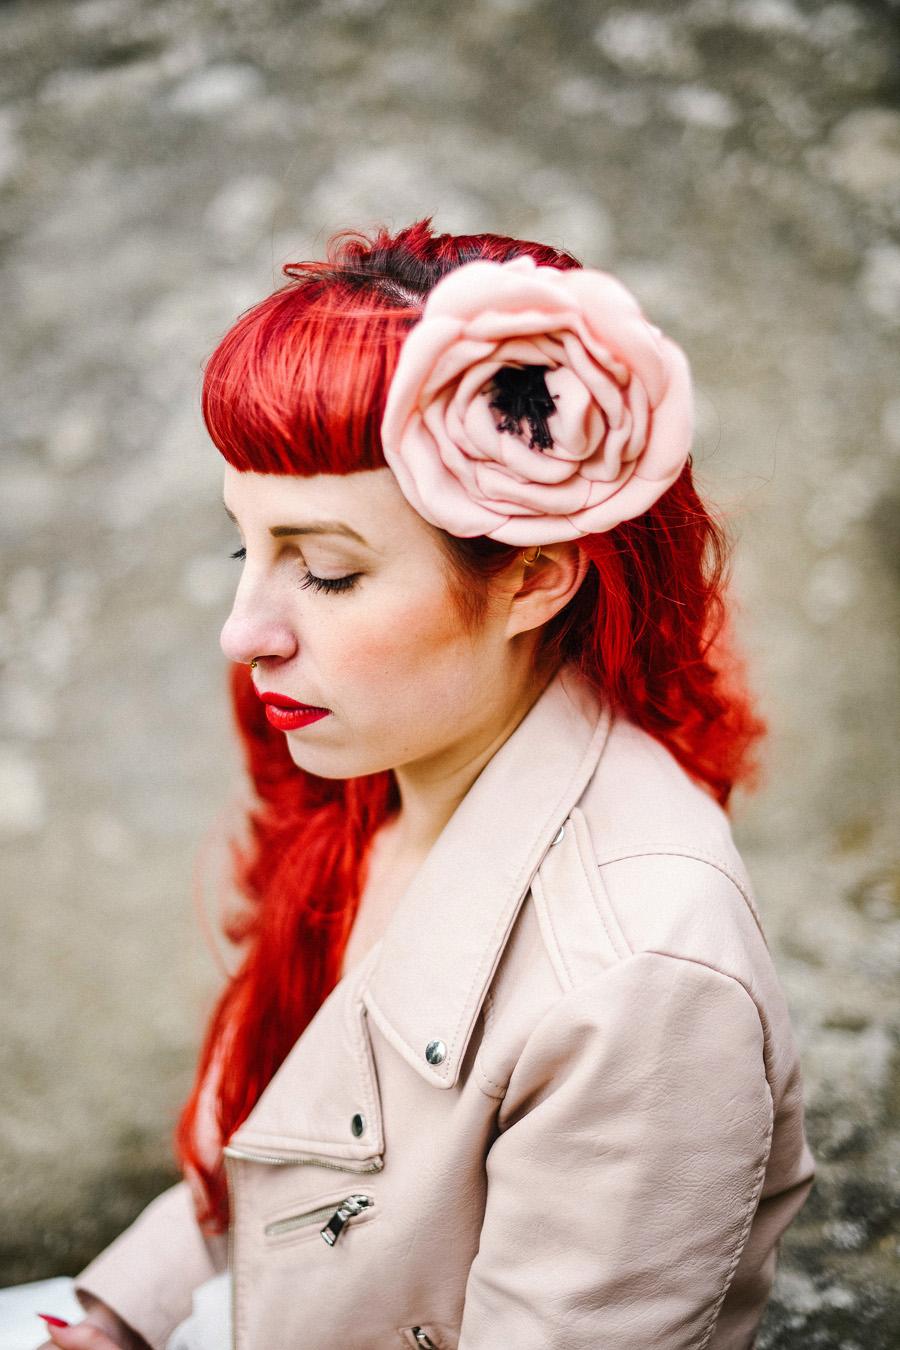 une mariée aux cheveux rouges porte une fleur en tissu rose dans les cheveux